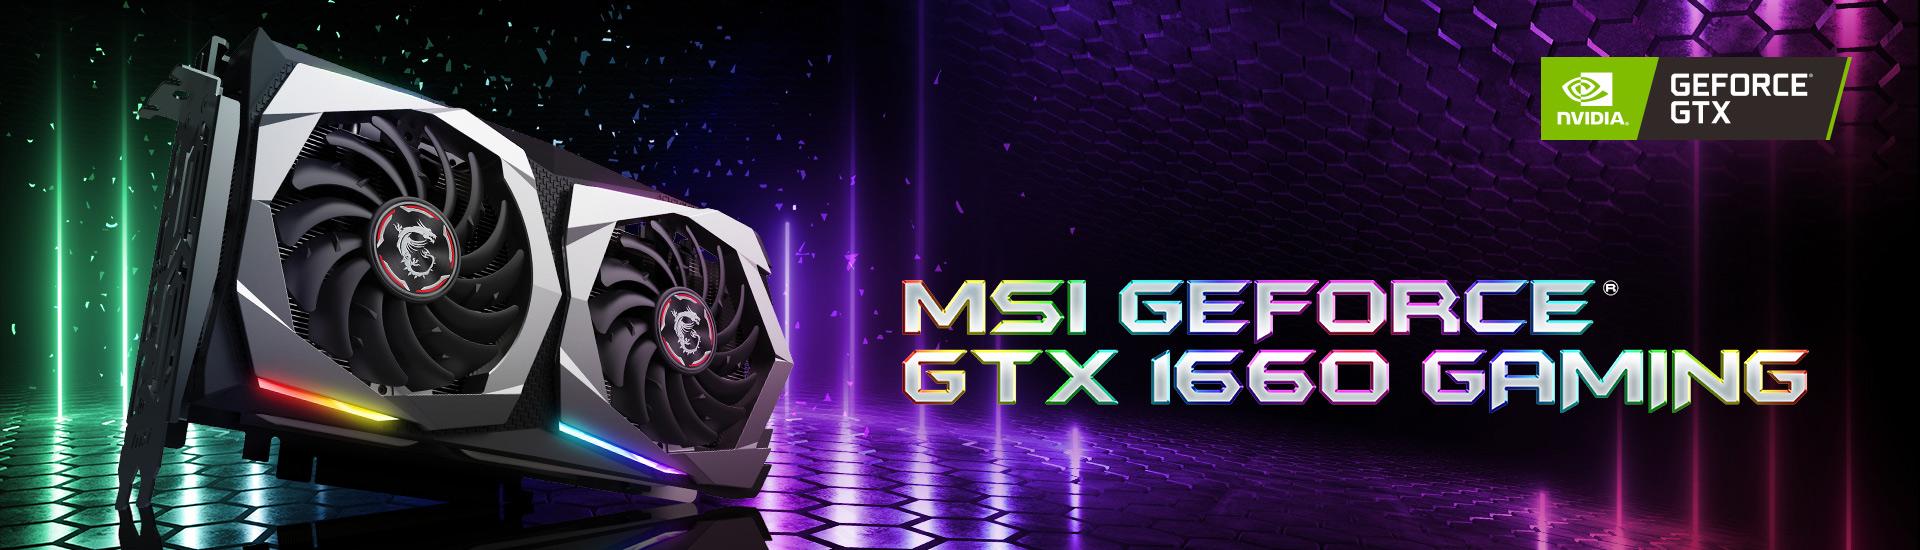 GTX 1660